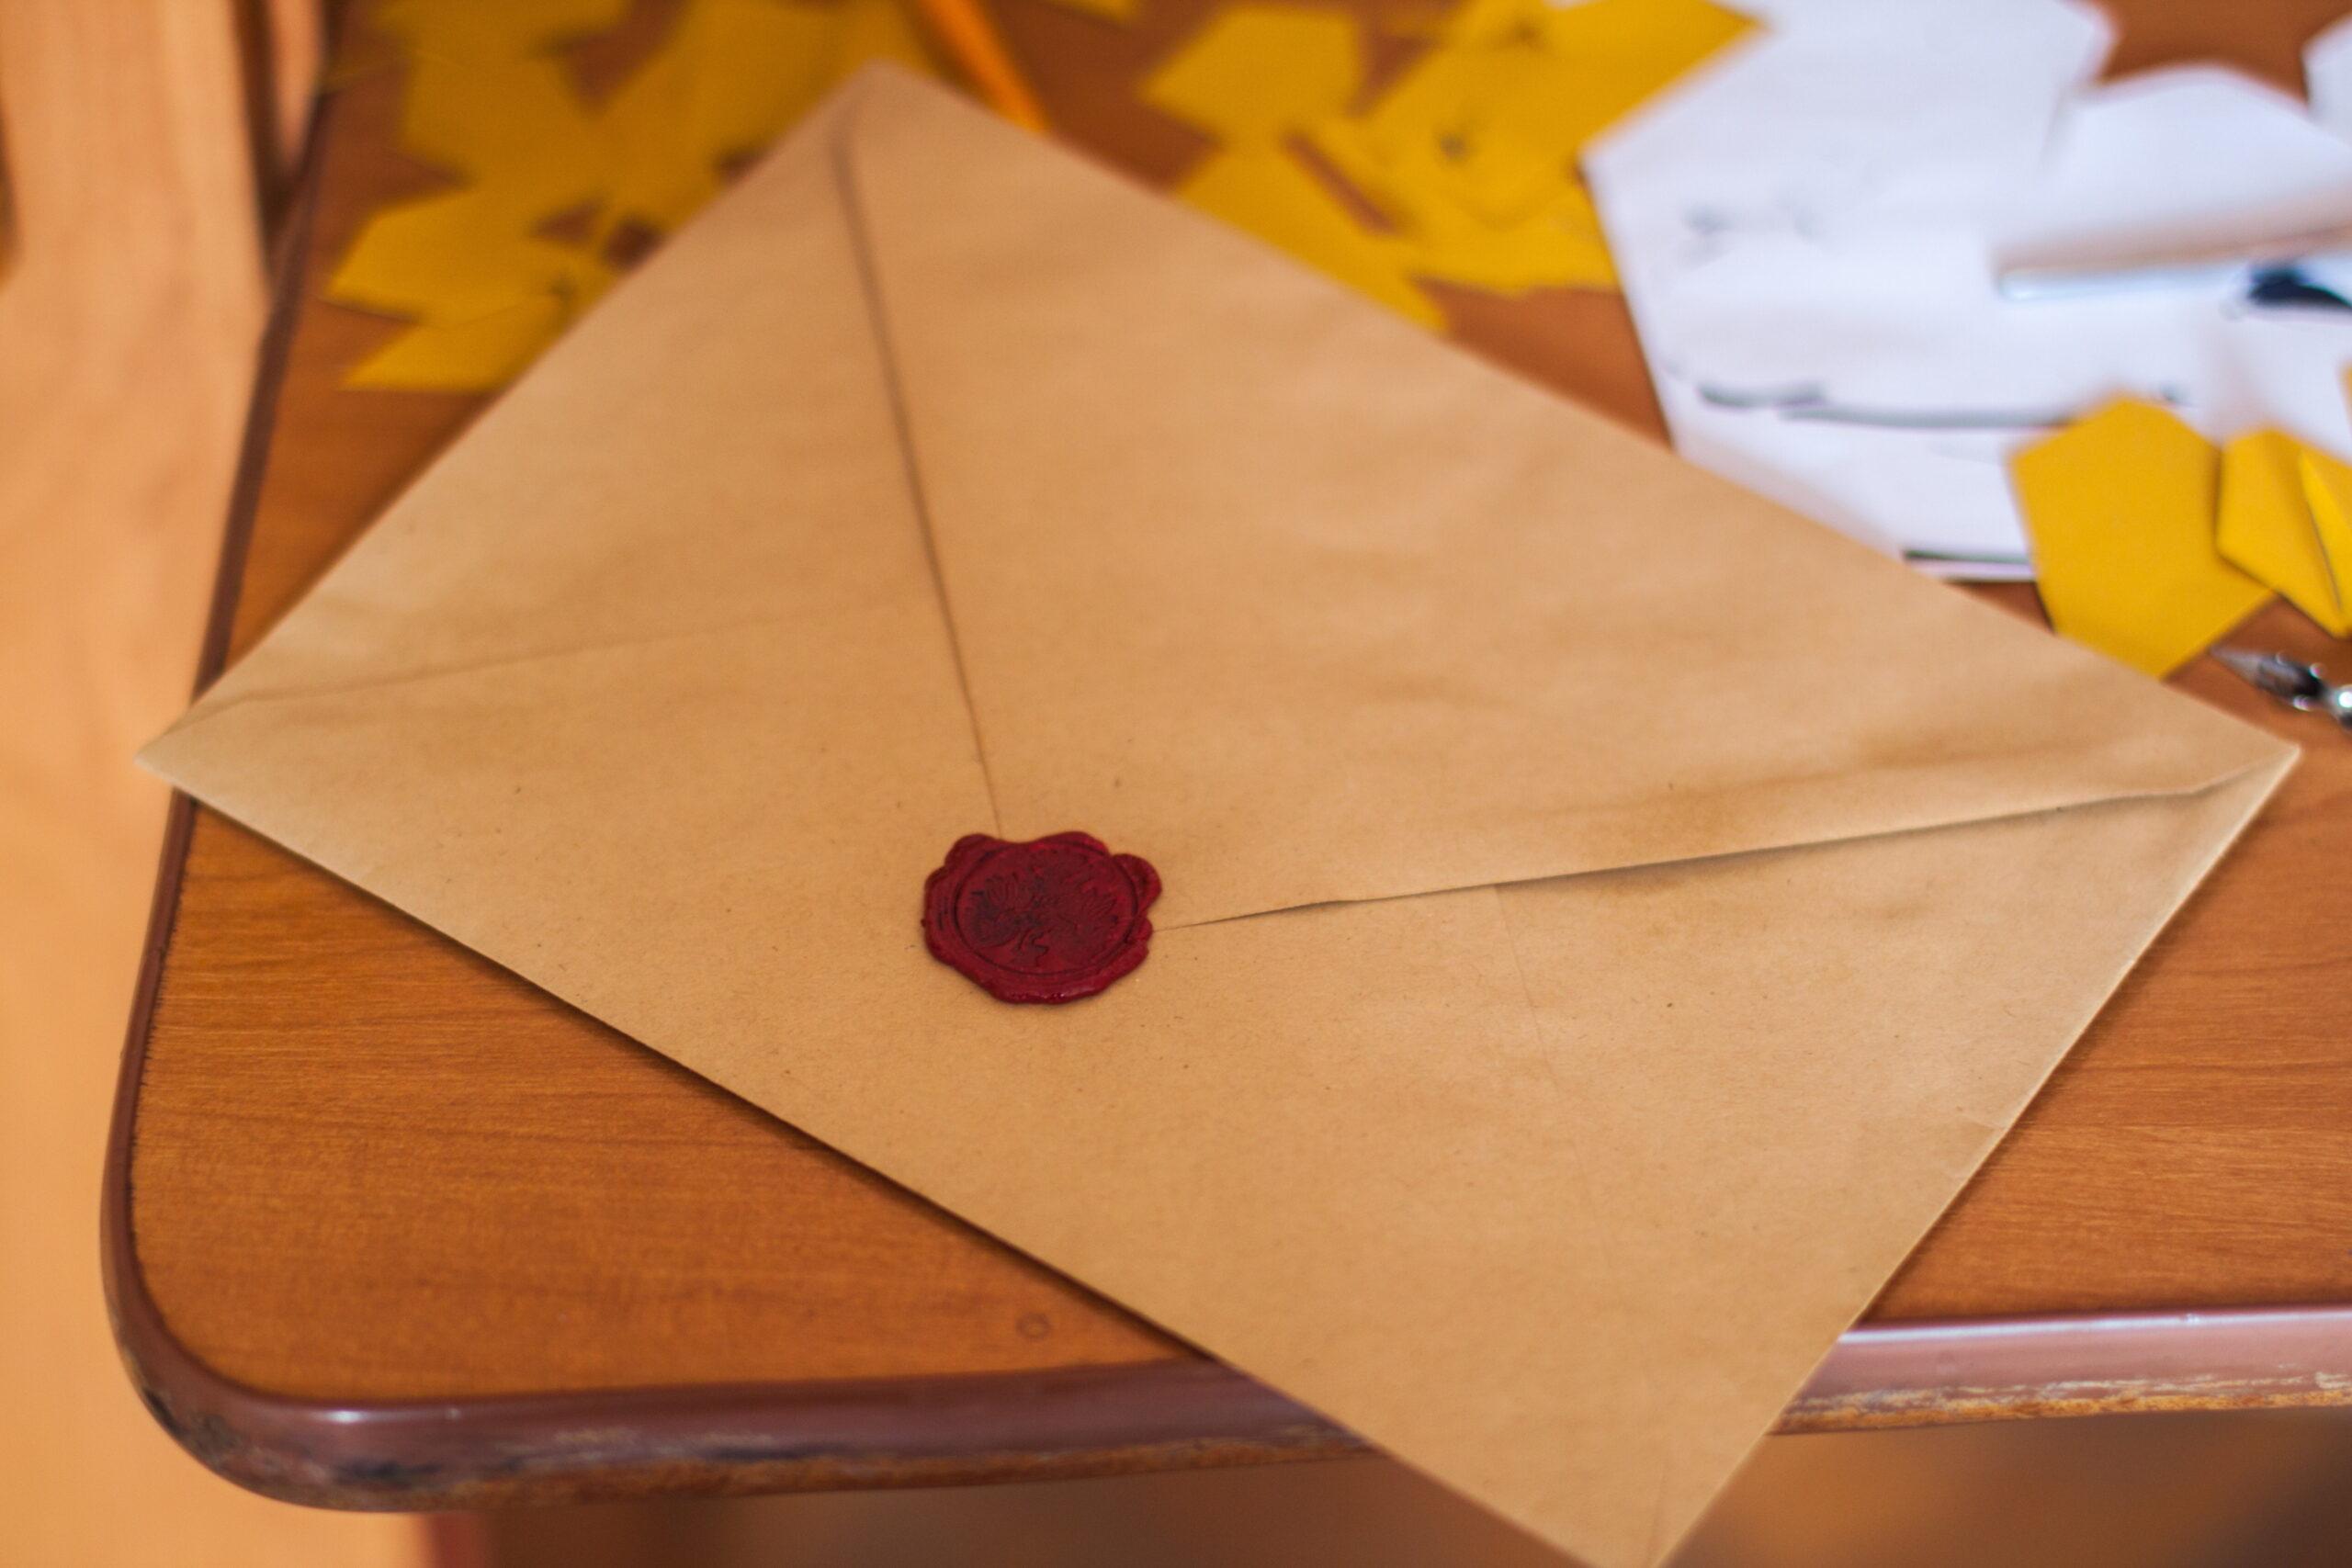 Old sealed envelope